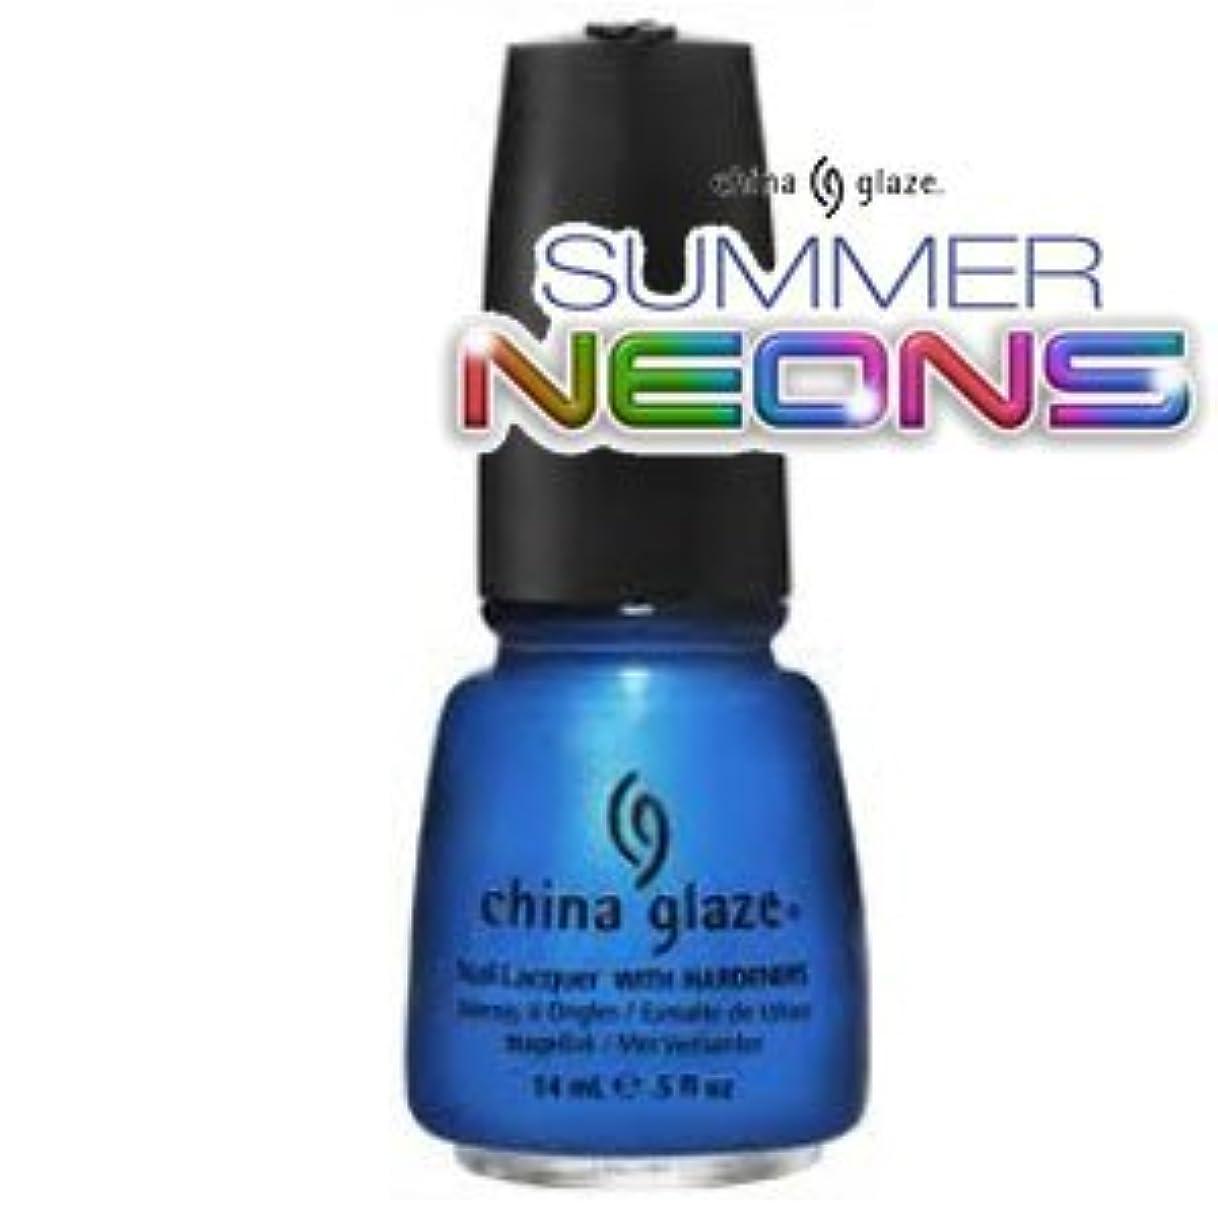 宿泊施設骨折学士(チャイナグレイズ)China Glaze Splish Splashーサマーネオン コレクション [海外直送品][並行輸入品]